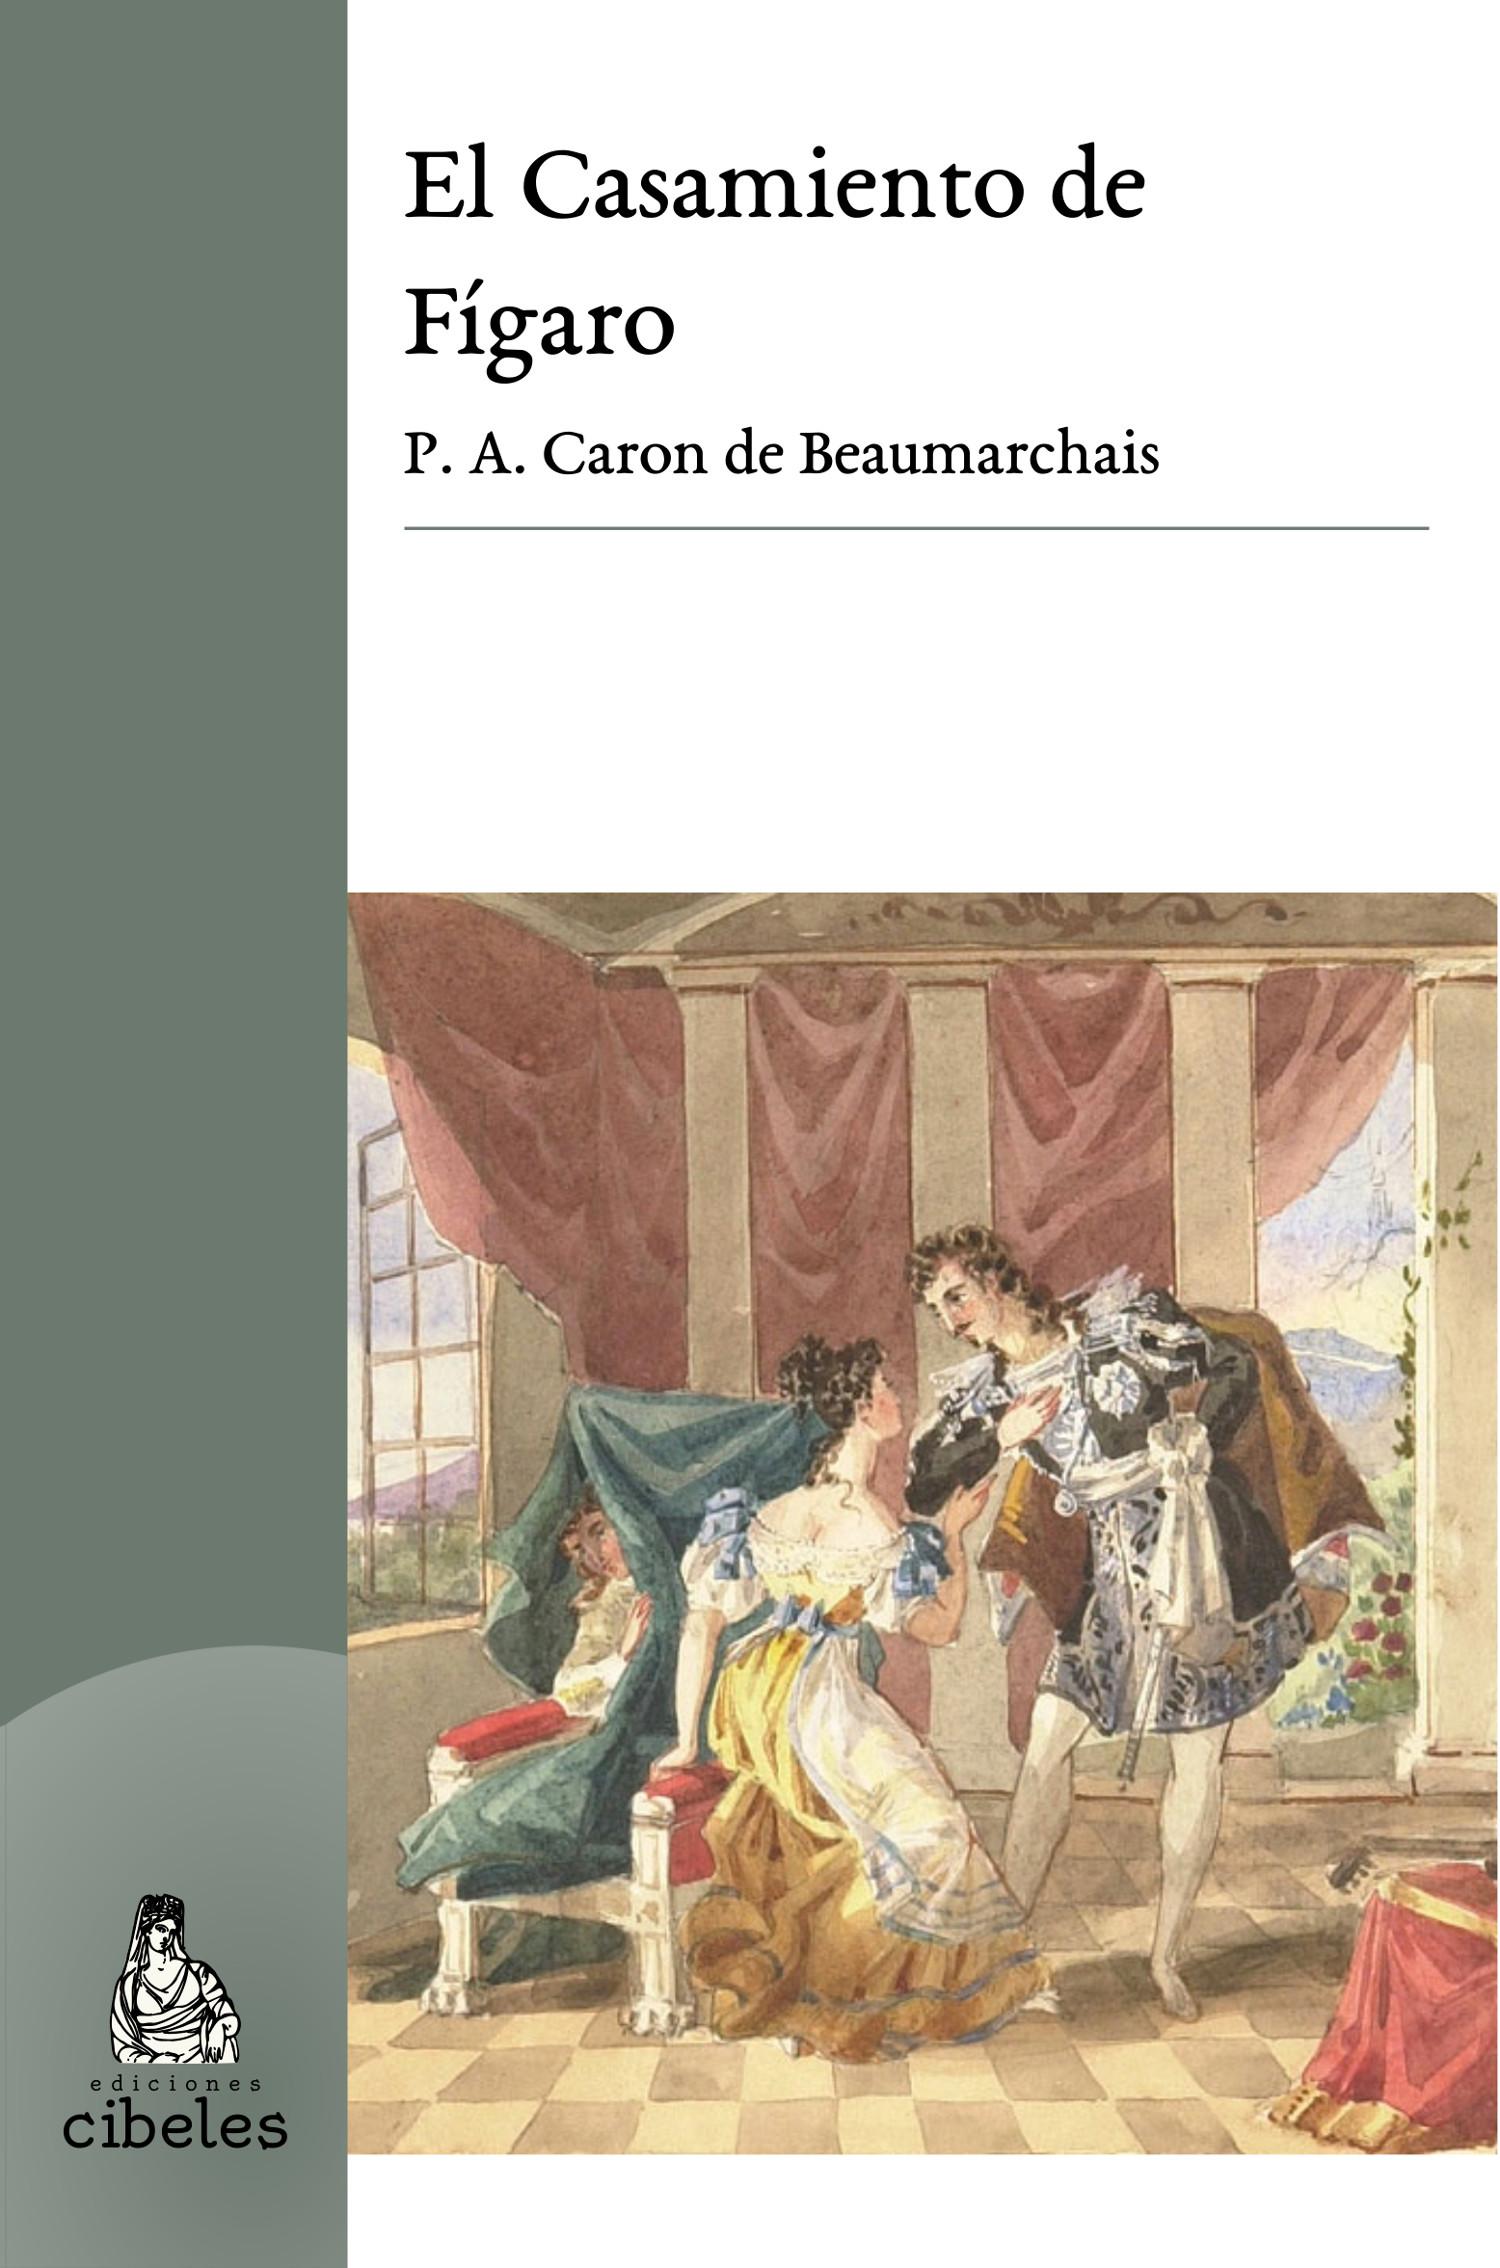 Tapa del Libro: El Casamiento de Fígaro de Beaumarchais